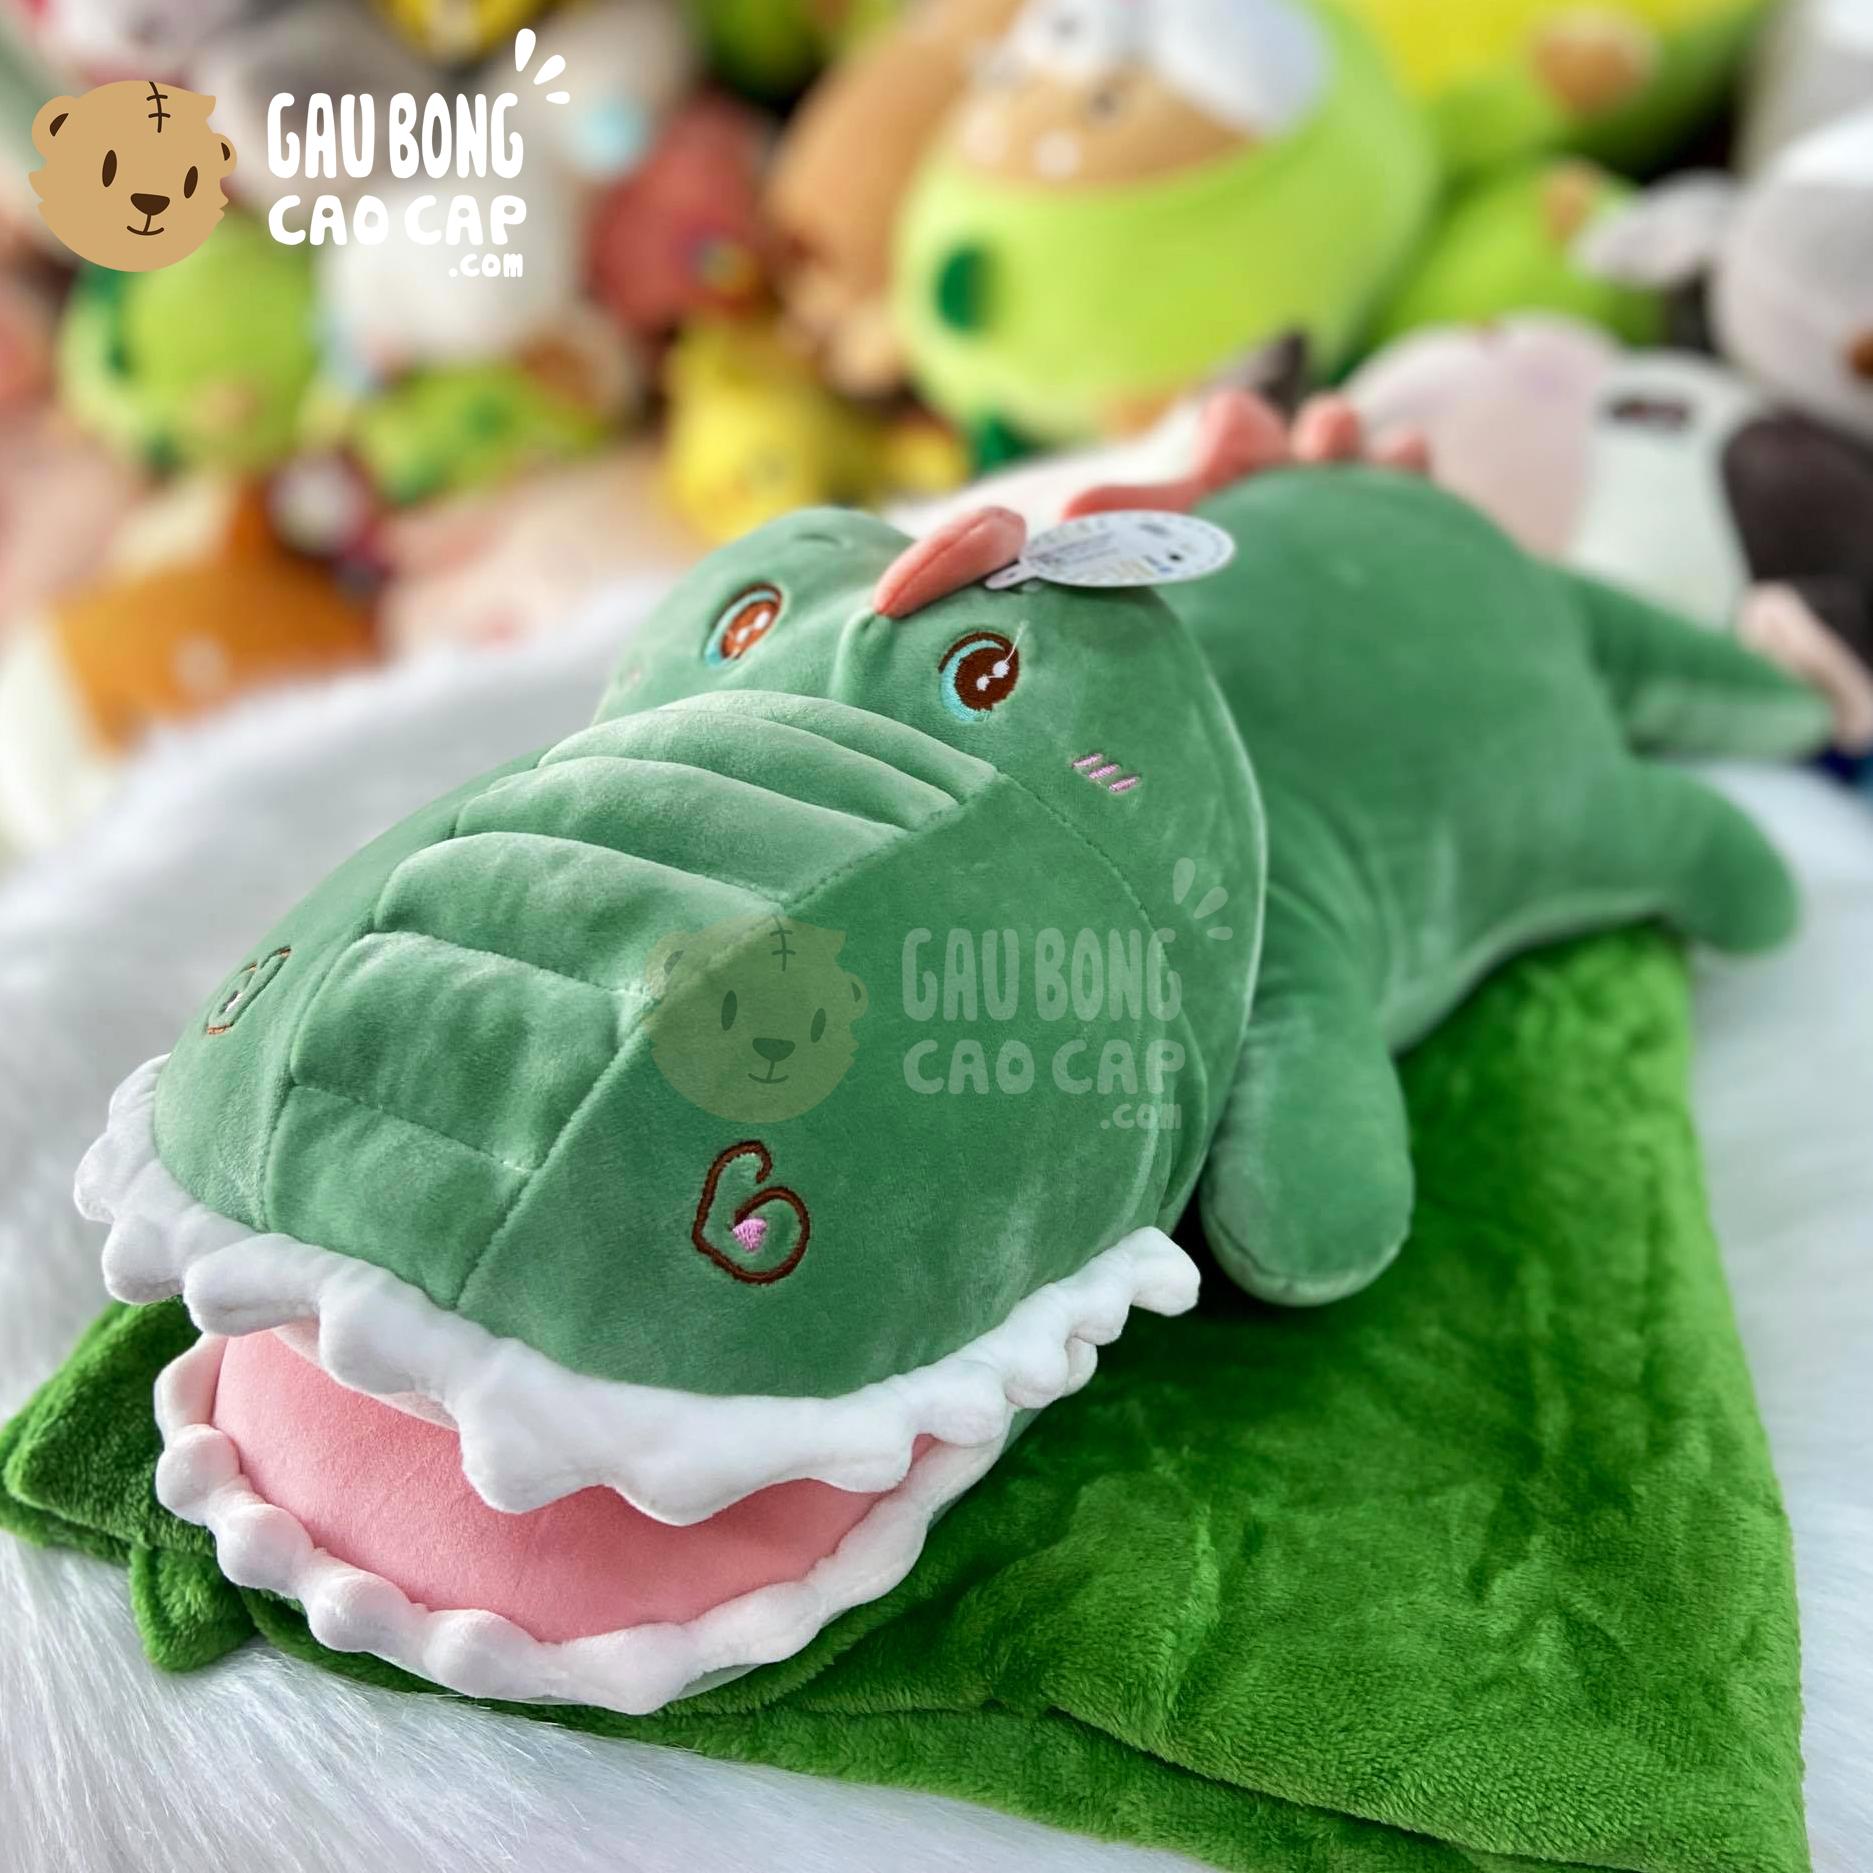 Gối mền Gấu Bông Cá Sấu Bông nhe răng